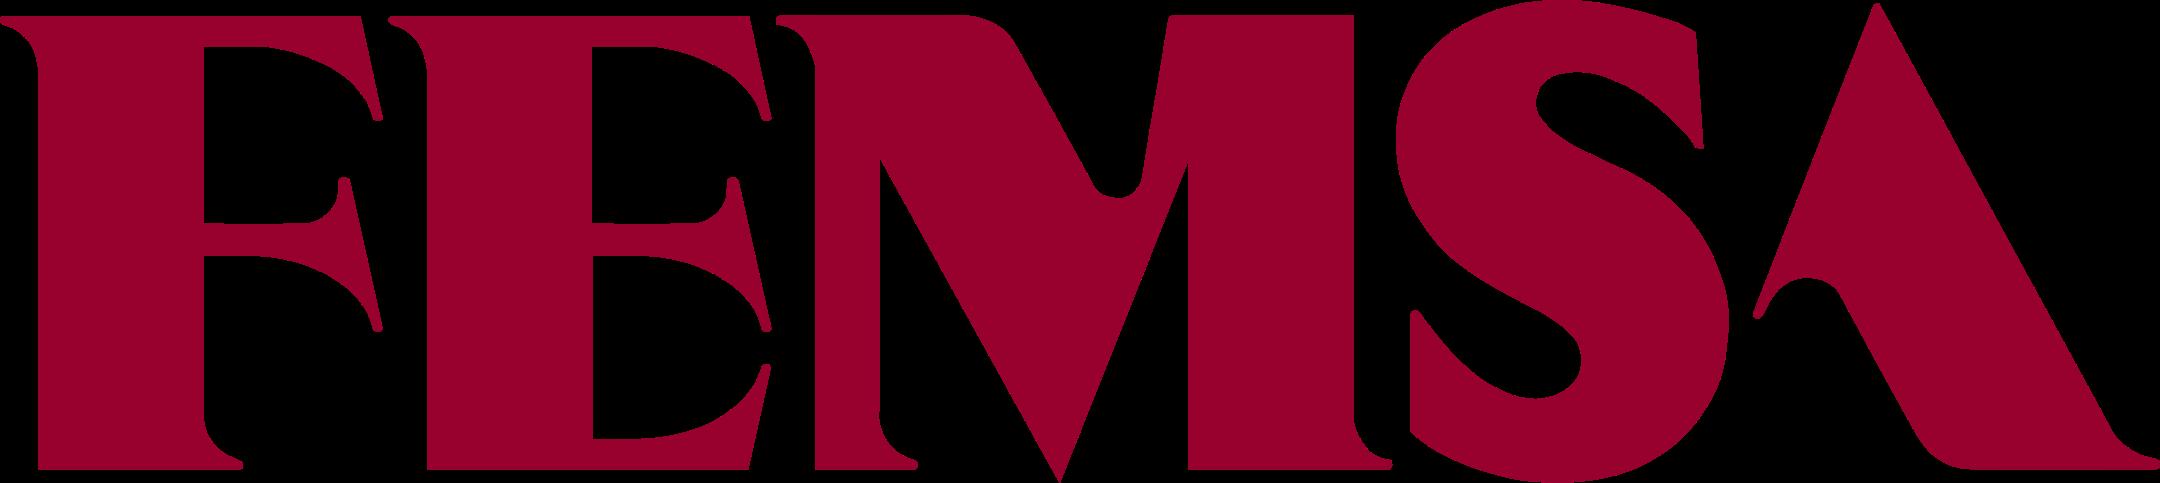 femsa logo 1 - FEMSA Logo